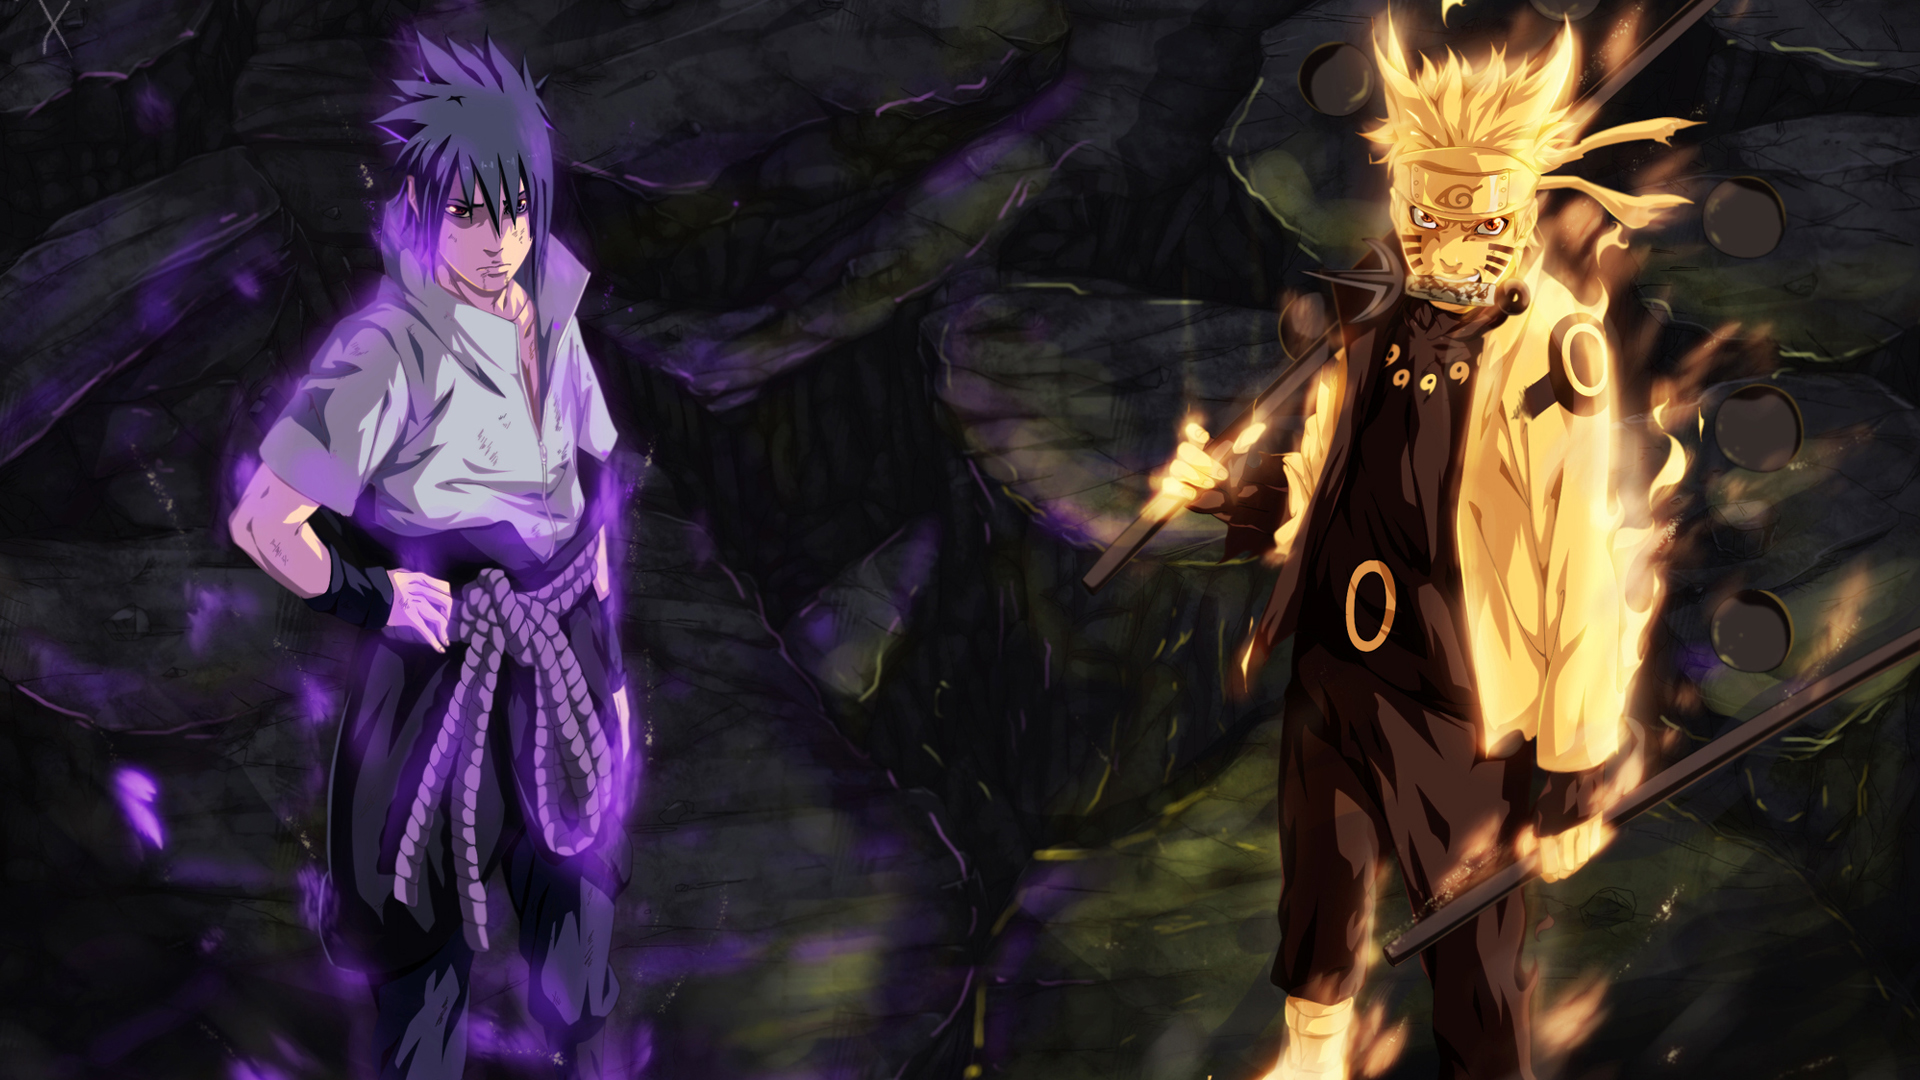 Imagenes De Naruto Y Sasuke Wallpapers 022